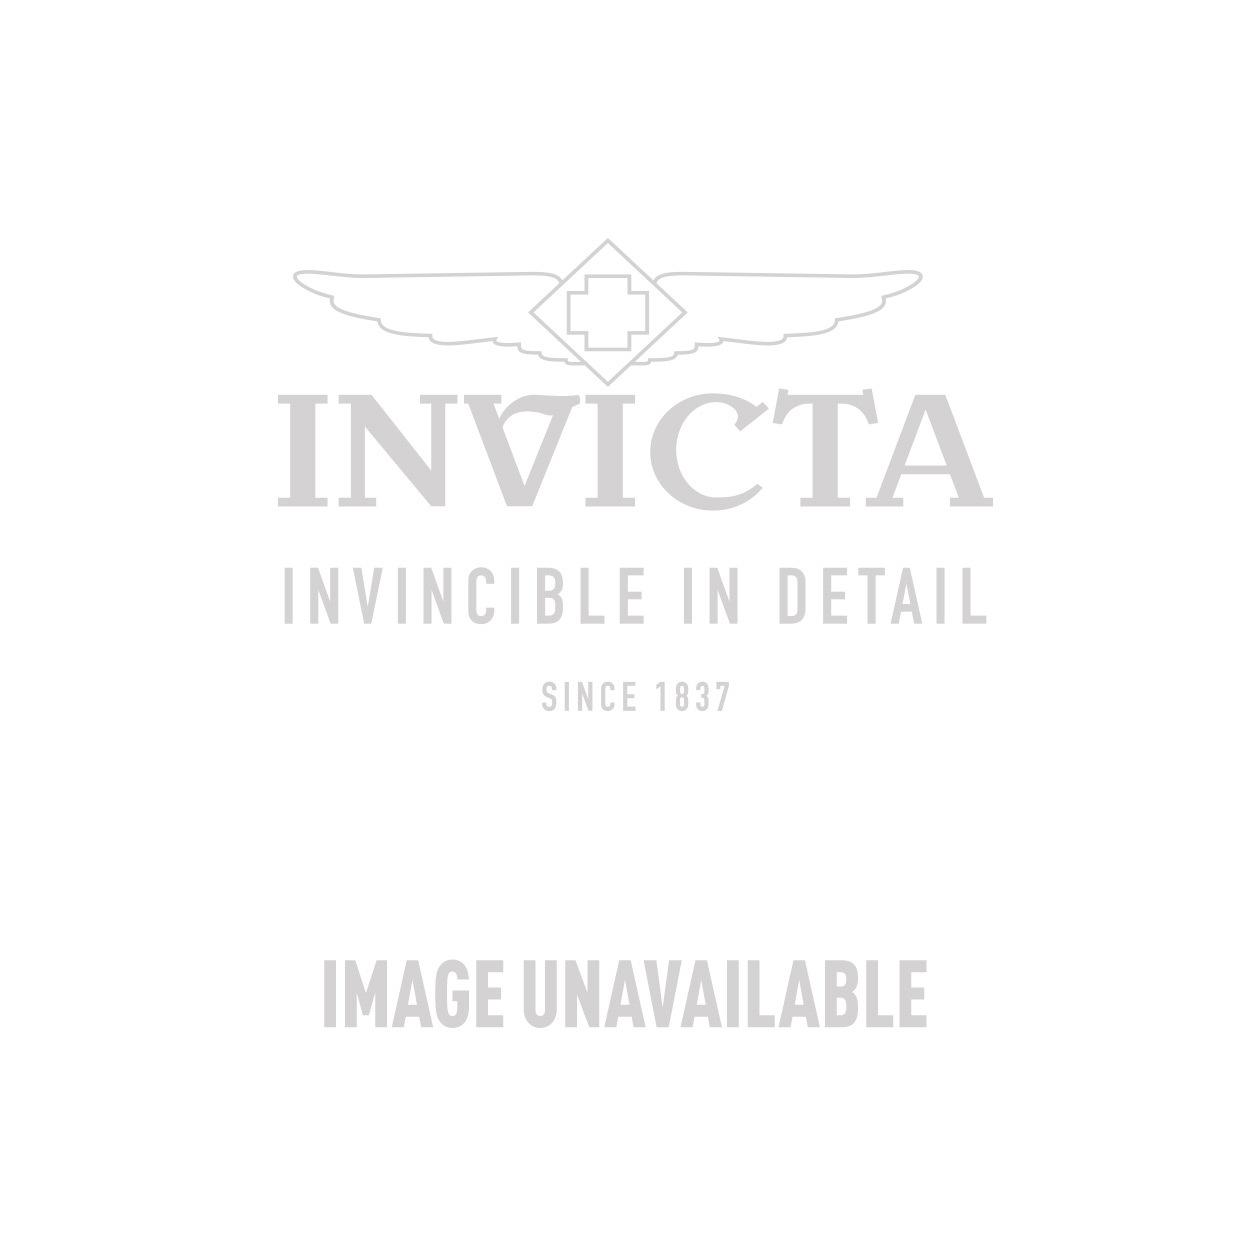 Invicta Model 28965